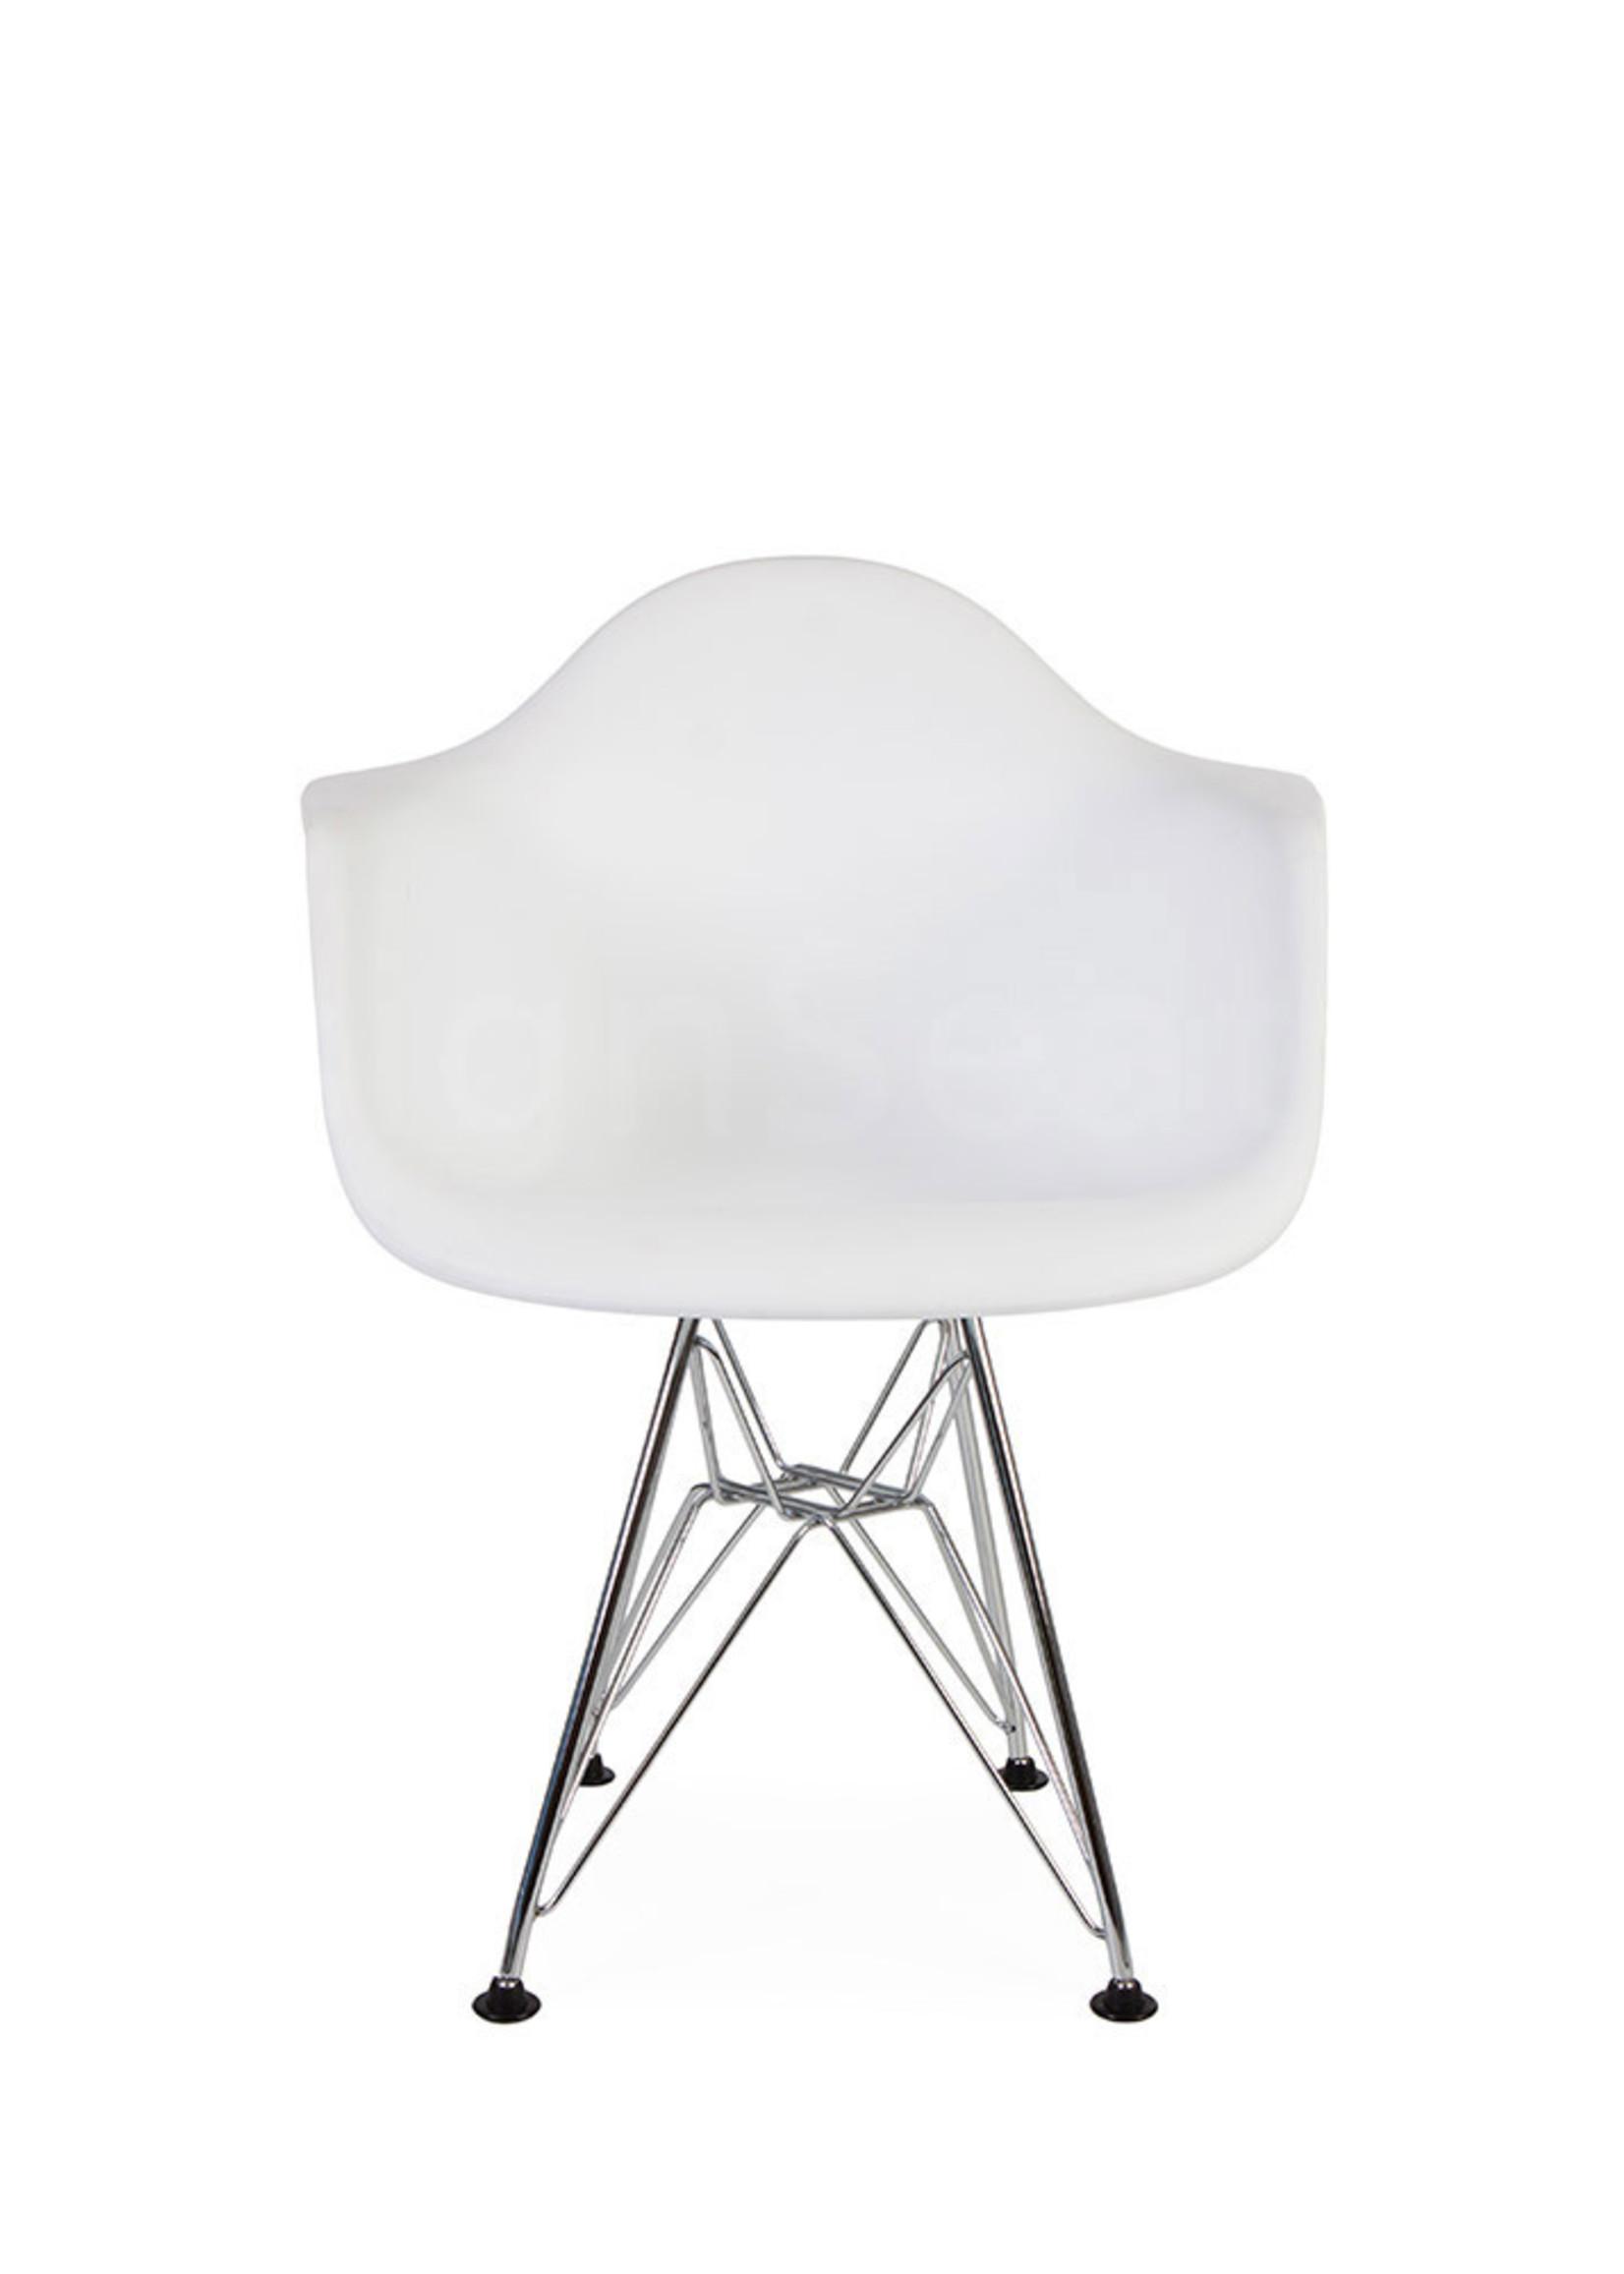 DAR Eames Design Kinderstoel Wit